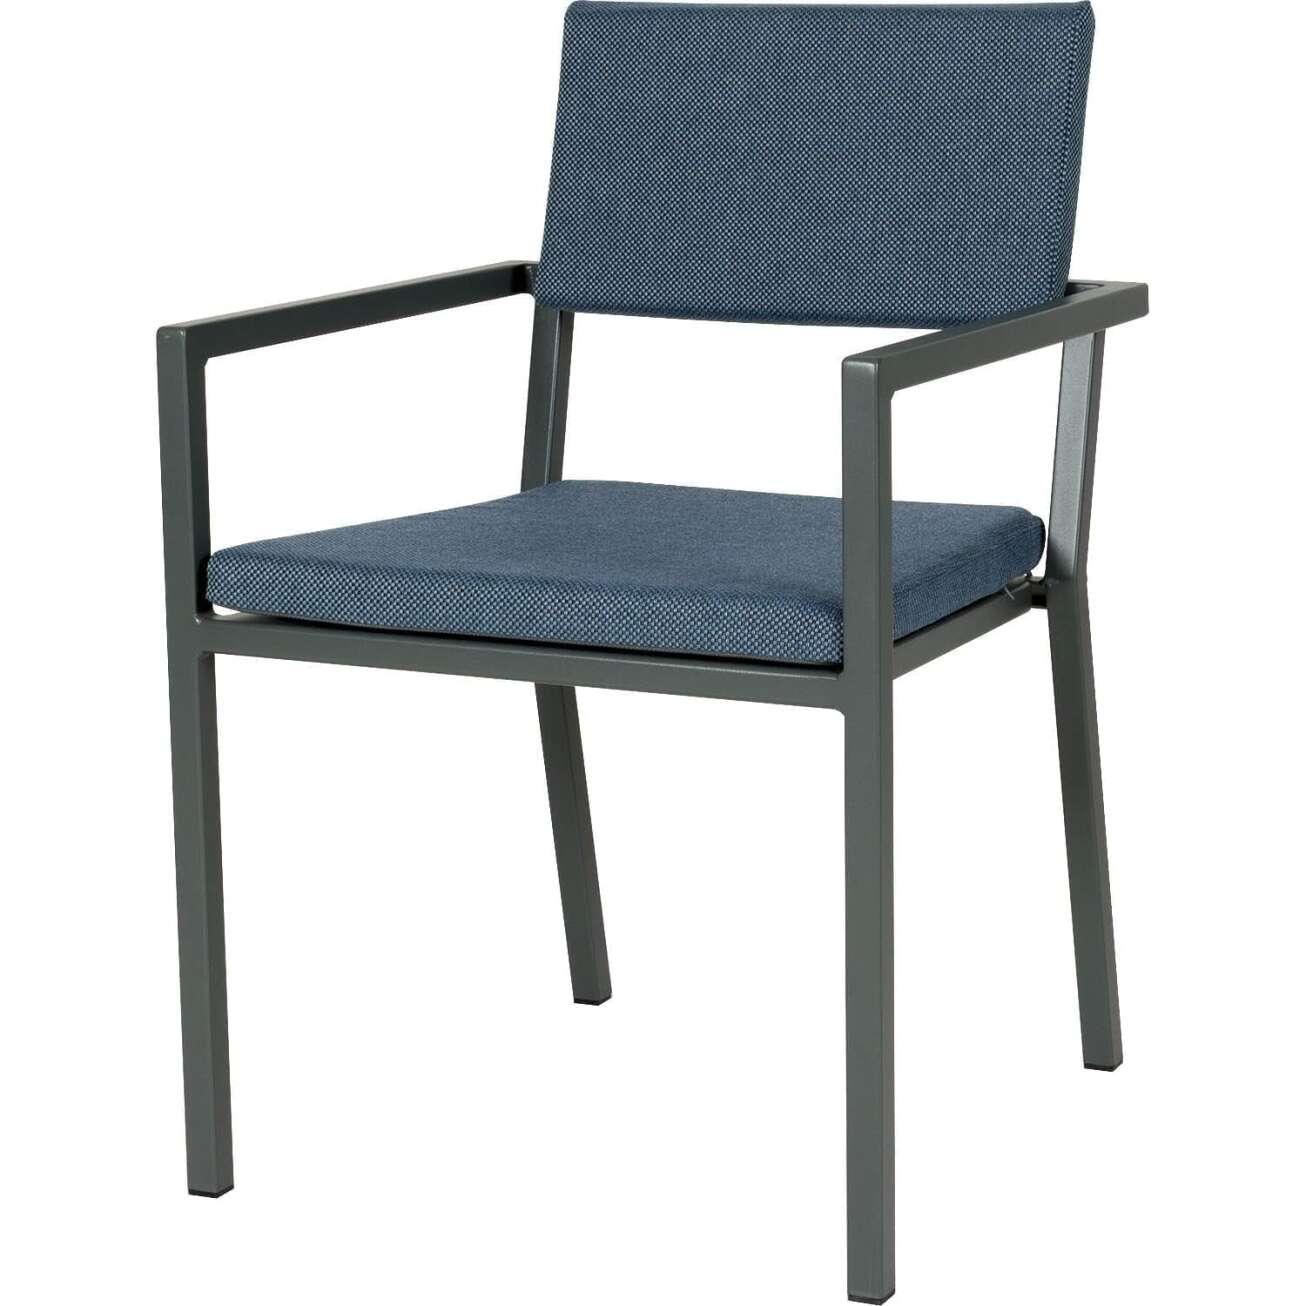 Sundays Frame spisestol i mørkgrå aluminium med blå puter